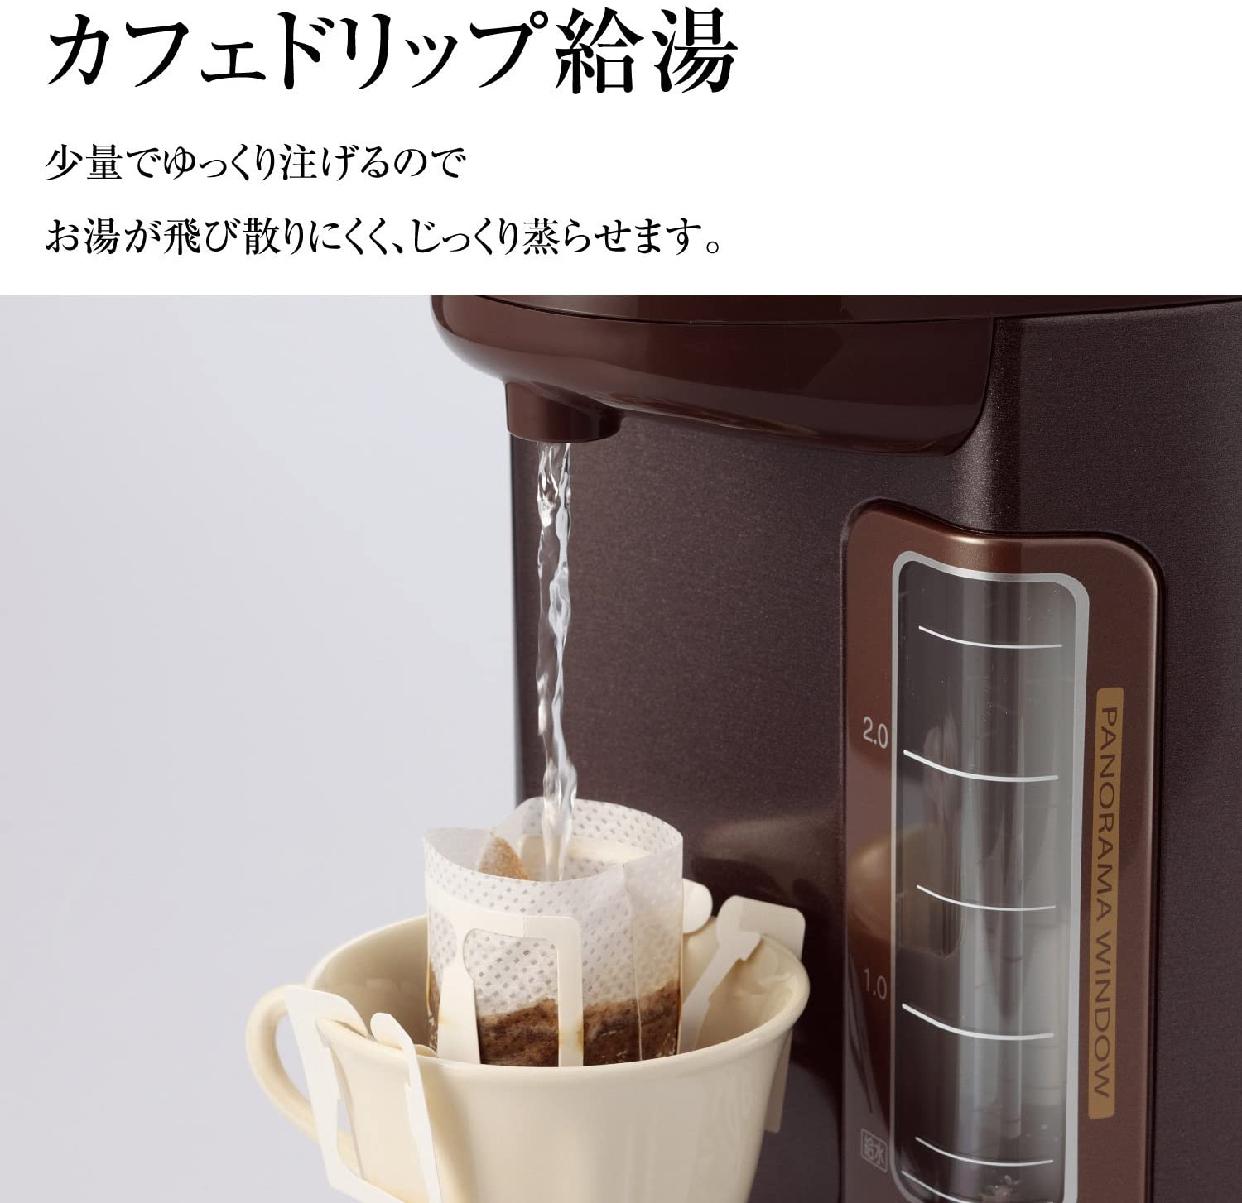 象印(ぞうじるし)マイコン沸とう電動ポット CD-WU30の商品画像3